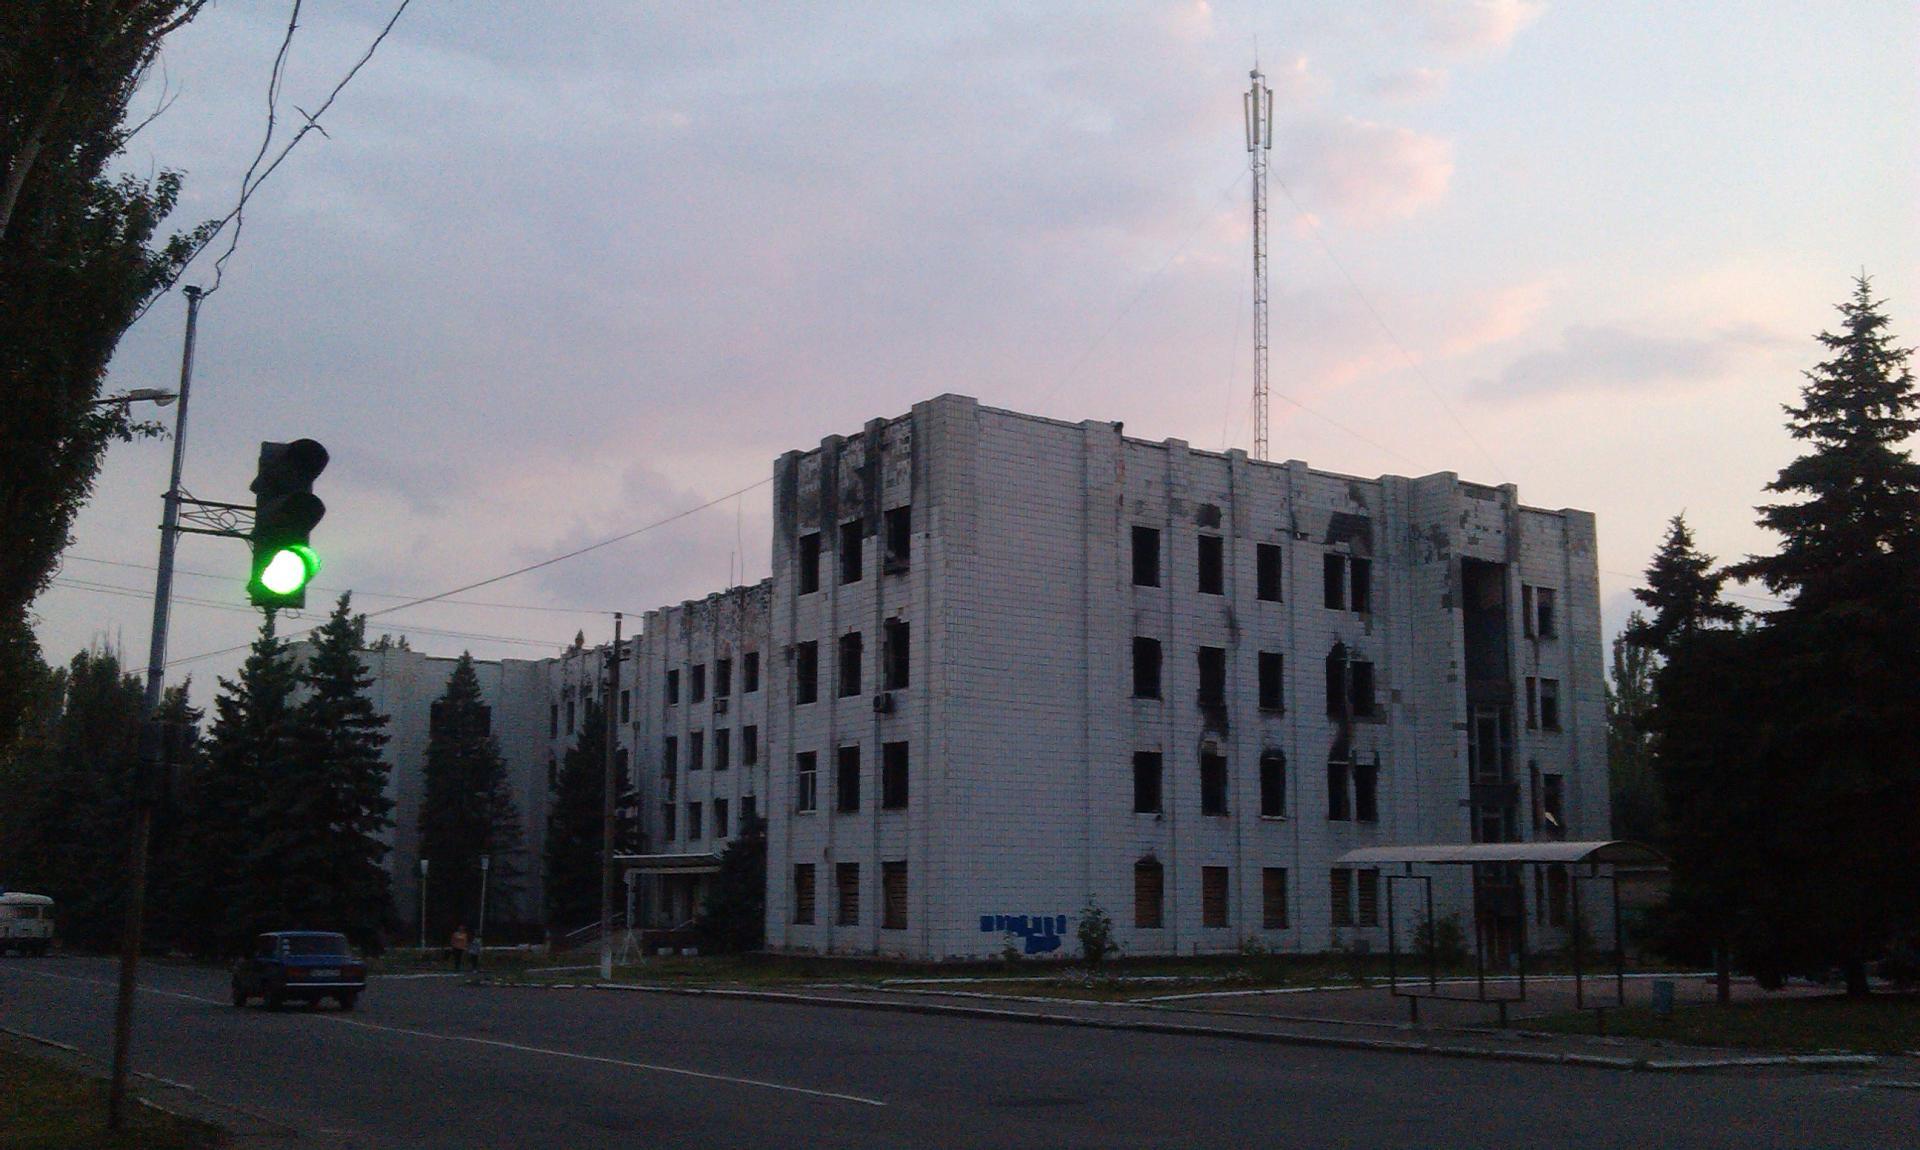 Село екатеринино тамбовская область фото негнездовое